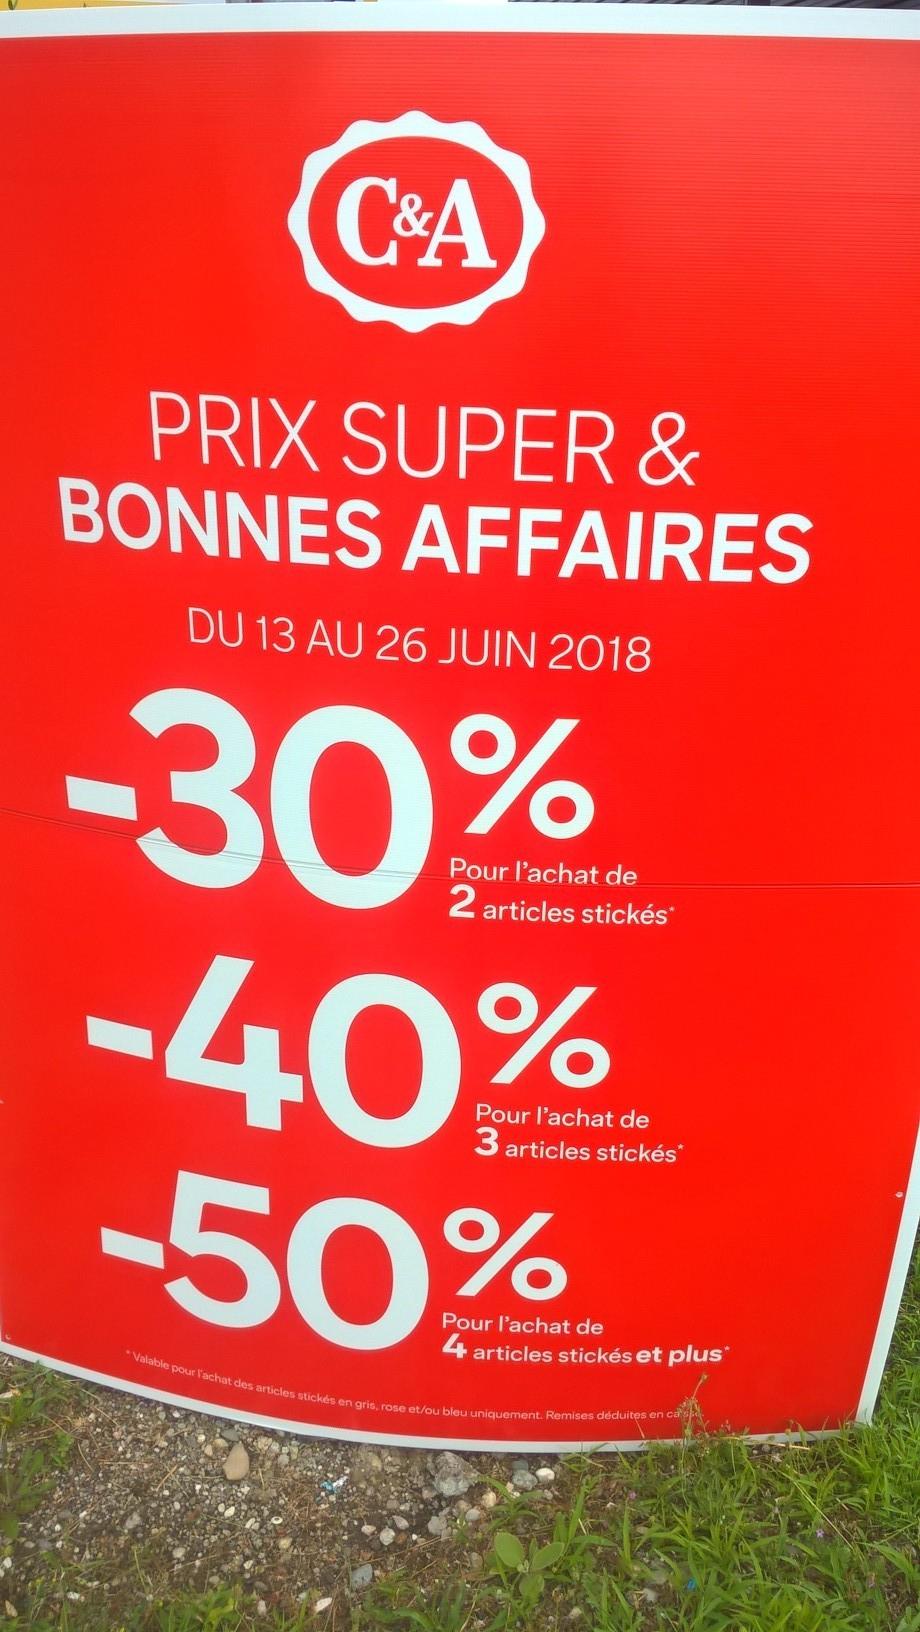 30% de réduction dès 2 articles achetés, 40% dès 3 articles et 50% dès 4 articles - Strasbourg (67)